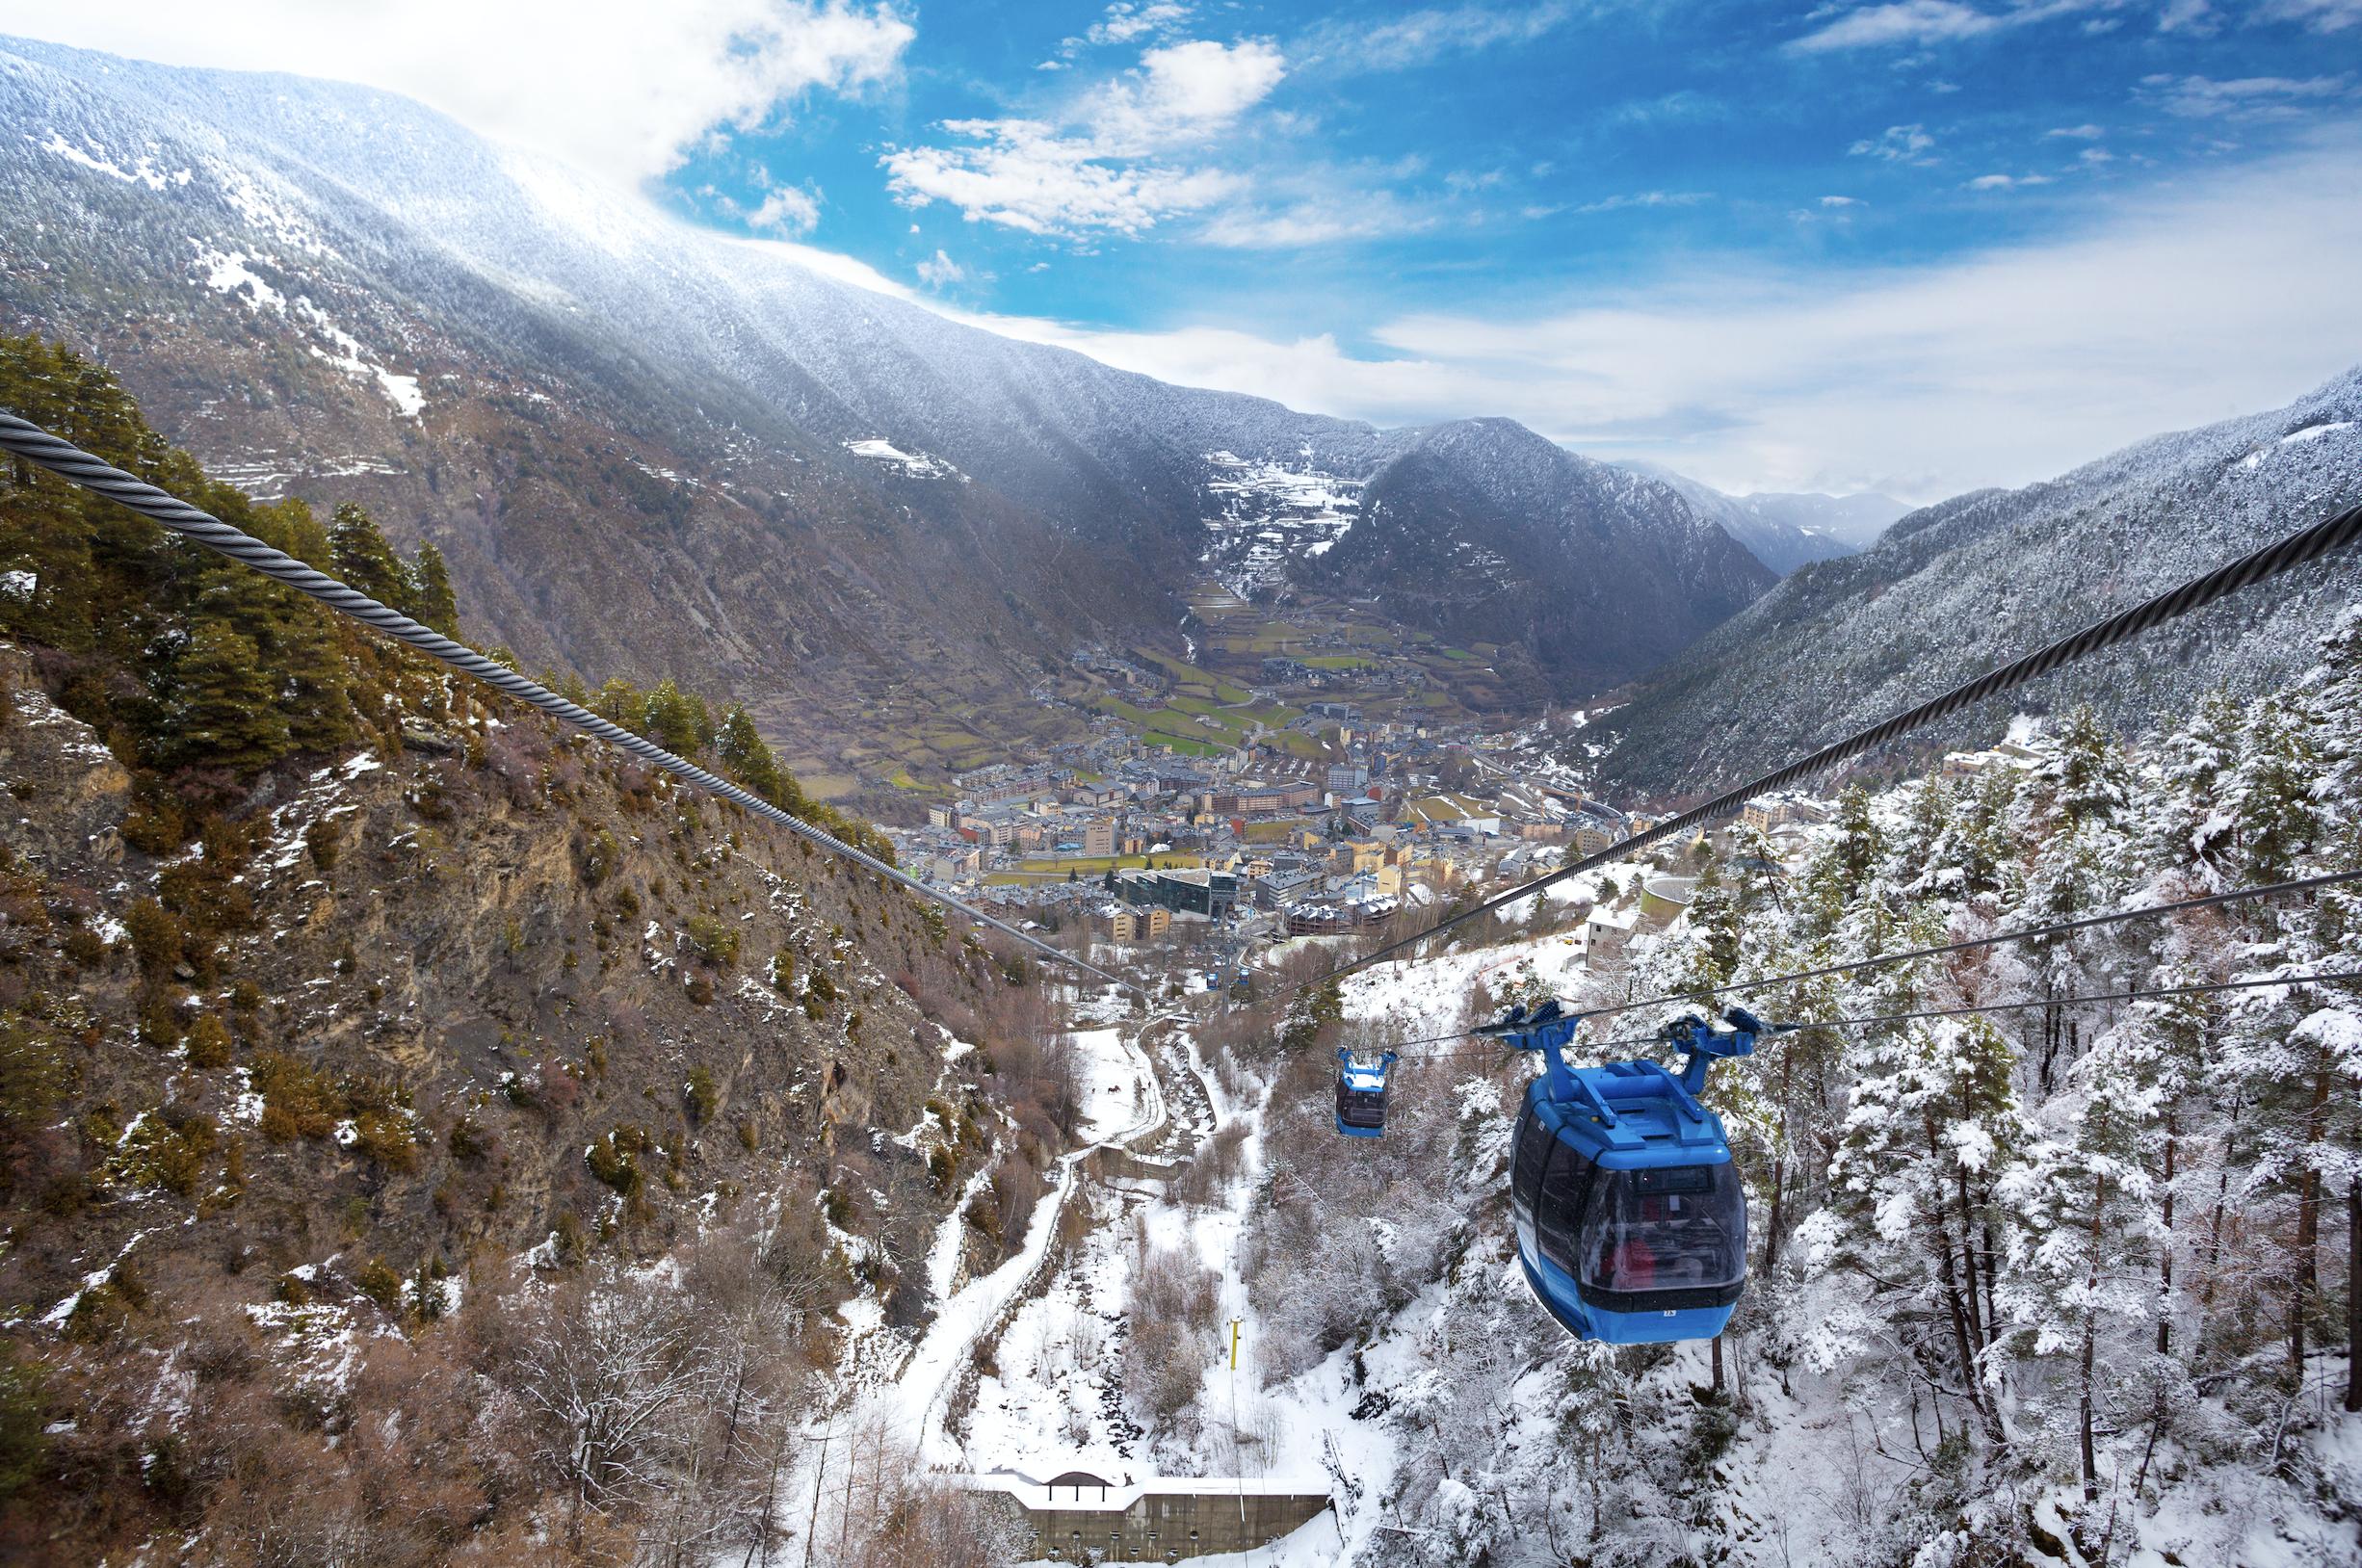 Bon Divendres Una Escapadeta A Les Pistes Aquest Cap De Setmana Guiand Andorra Guiandandorra Guiaturistica Turismeguaind Temporadas Cabinas Bona